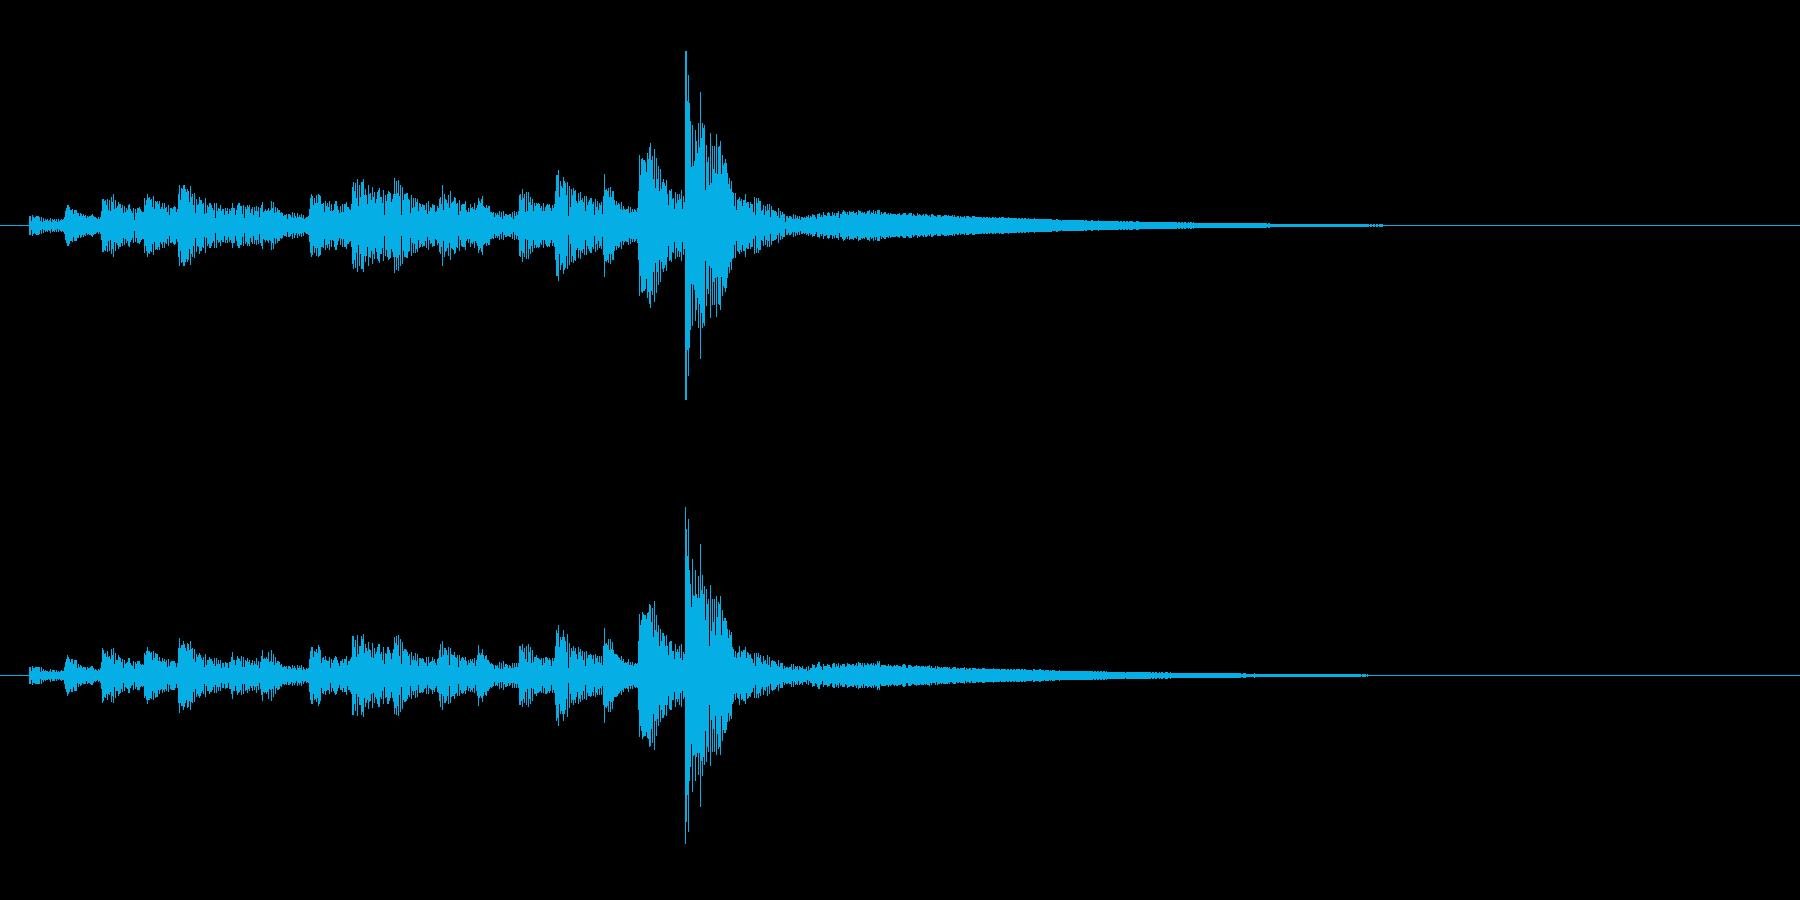 うちわ太皷の連打のフレーズ音+Fxの再生済みの波形